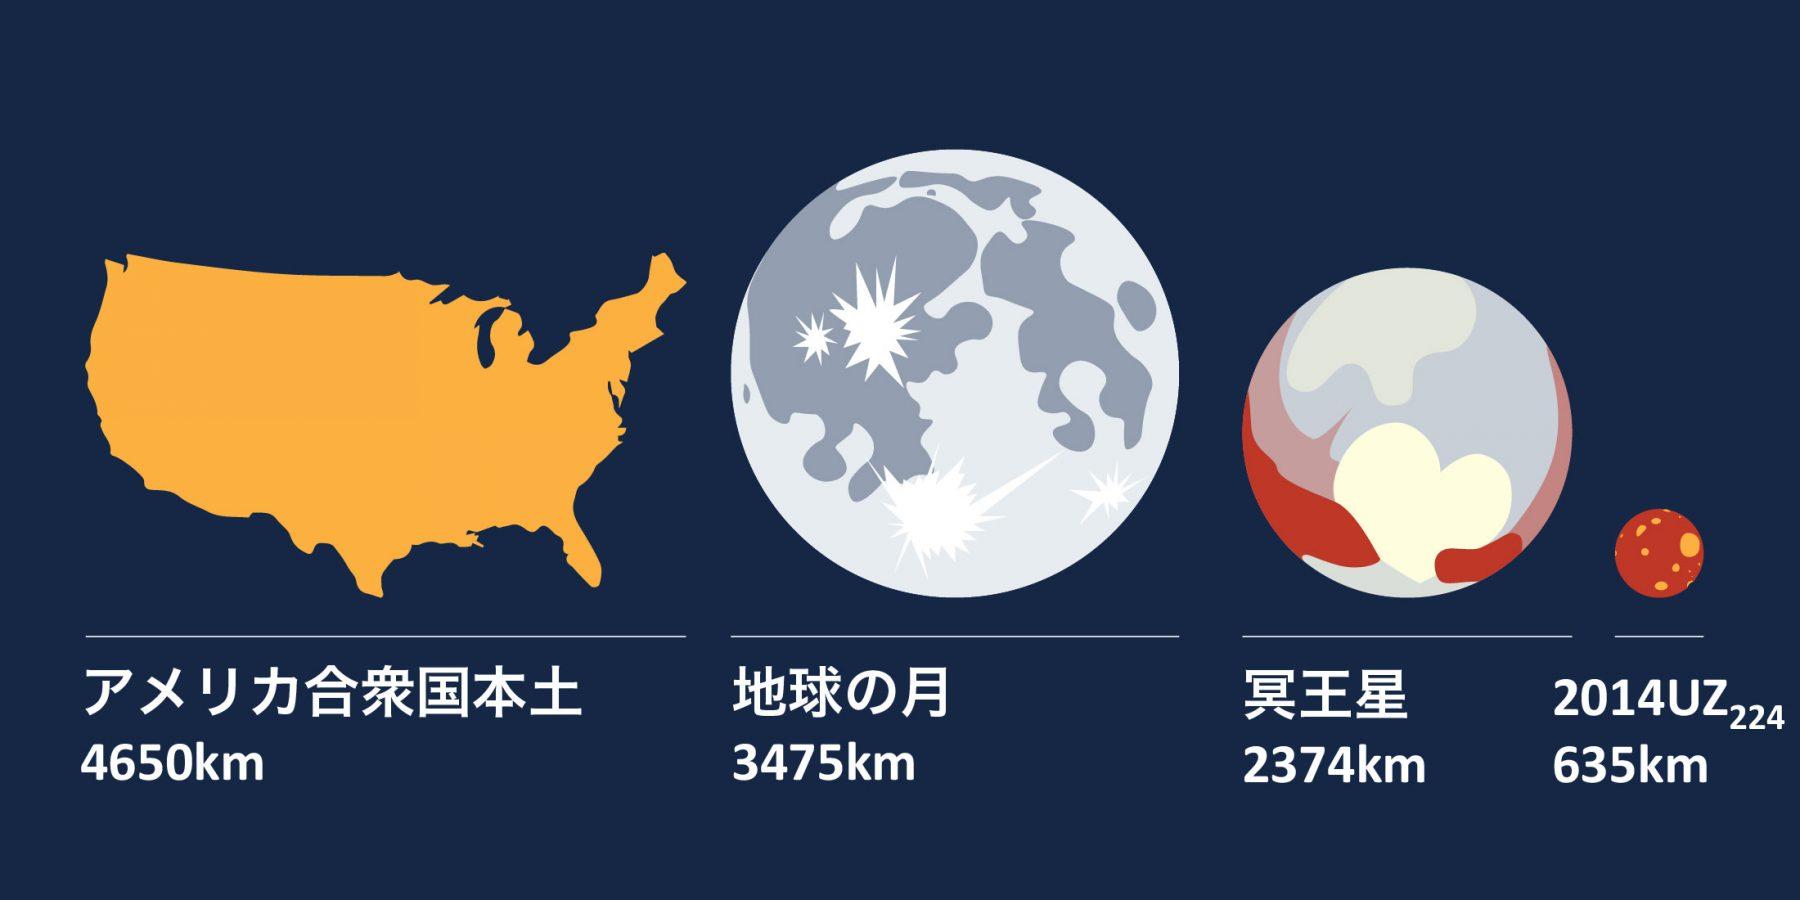 2014UZ224サイズ比較日本語